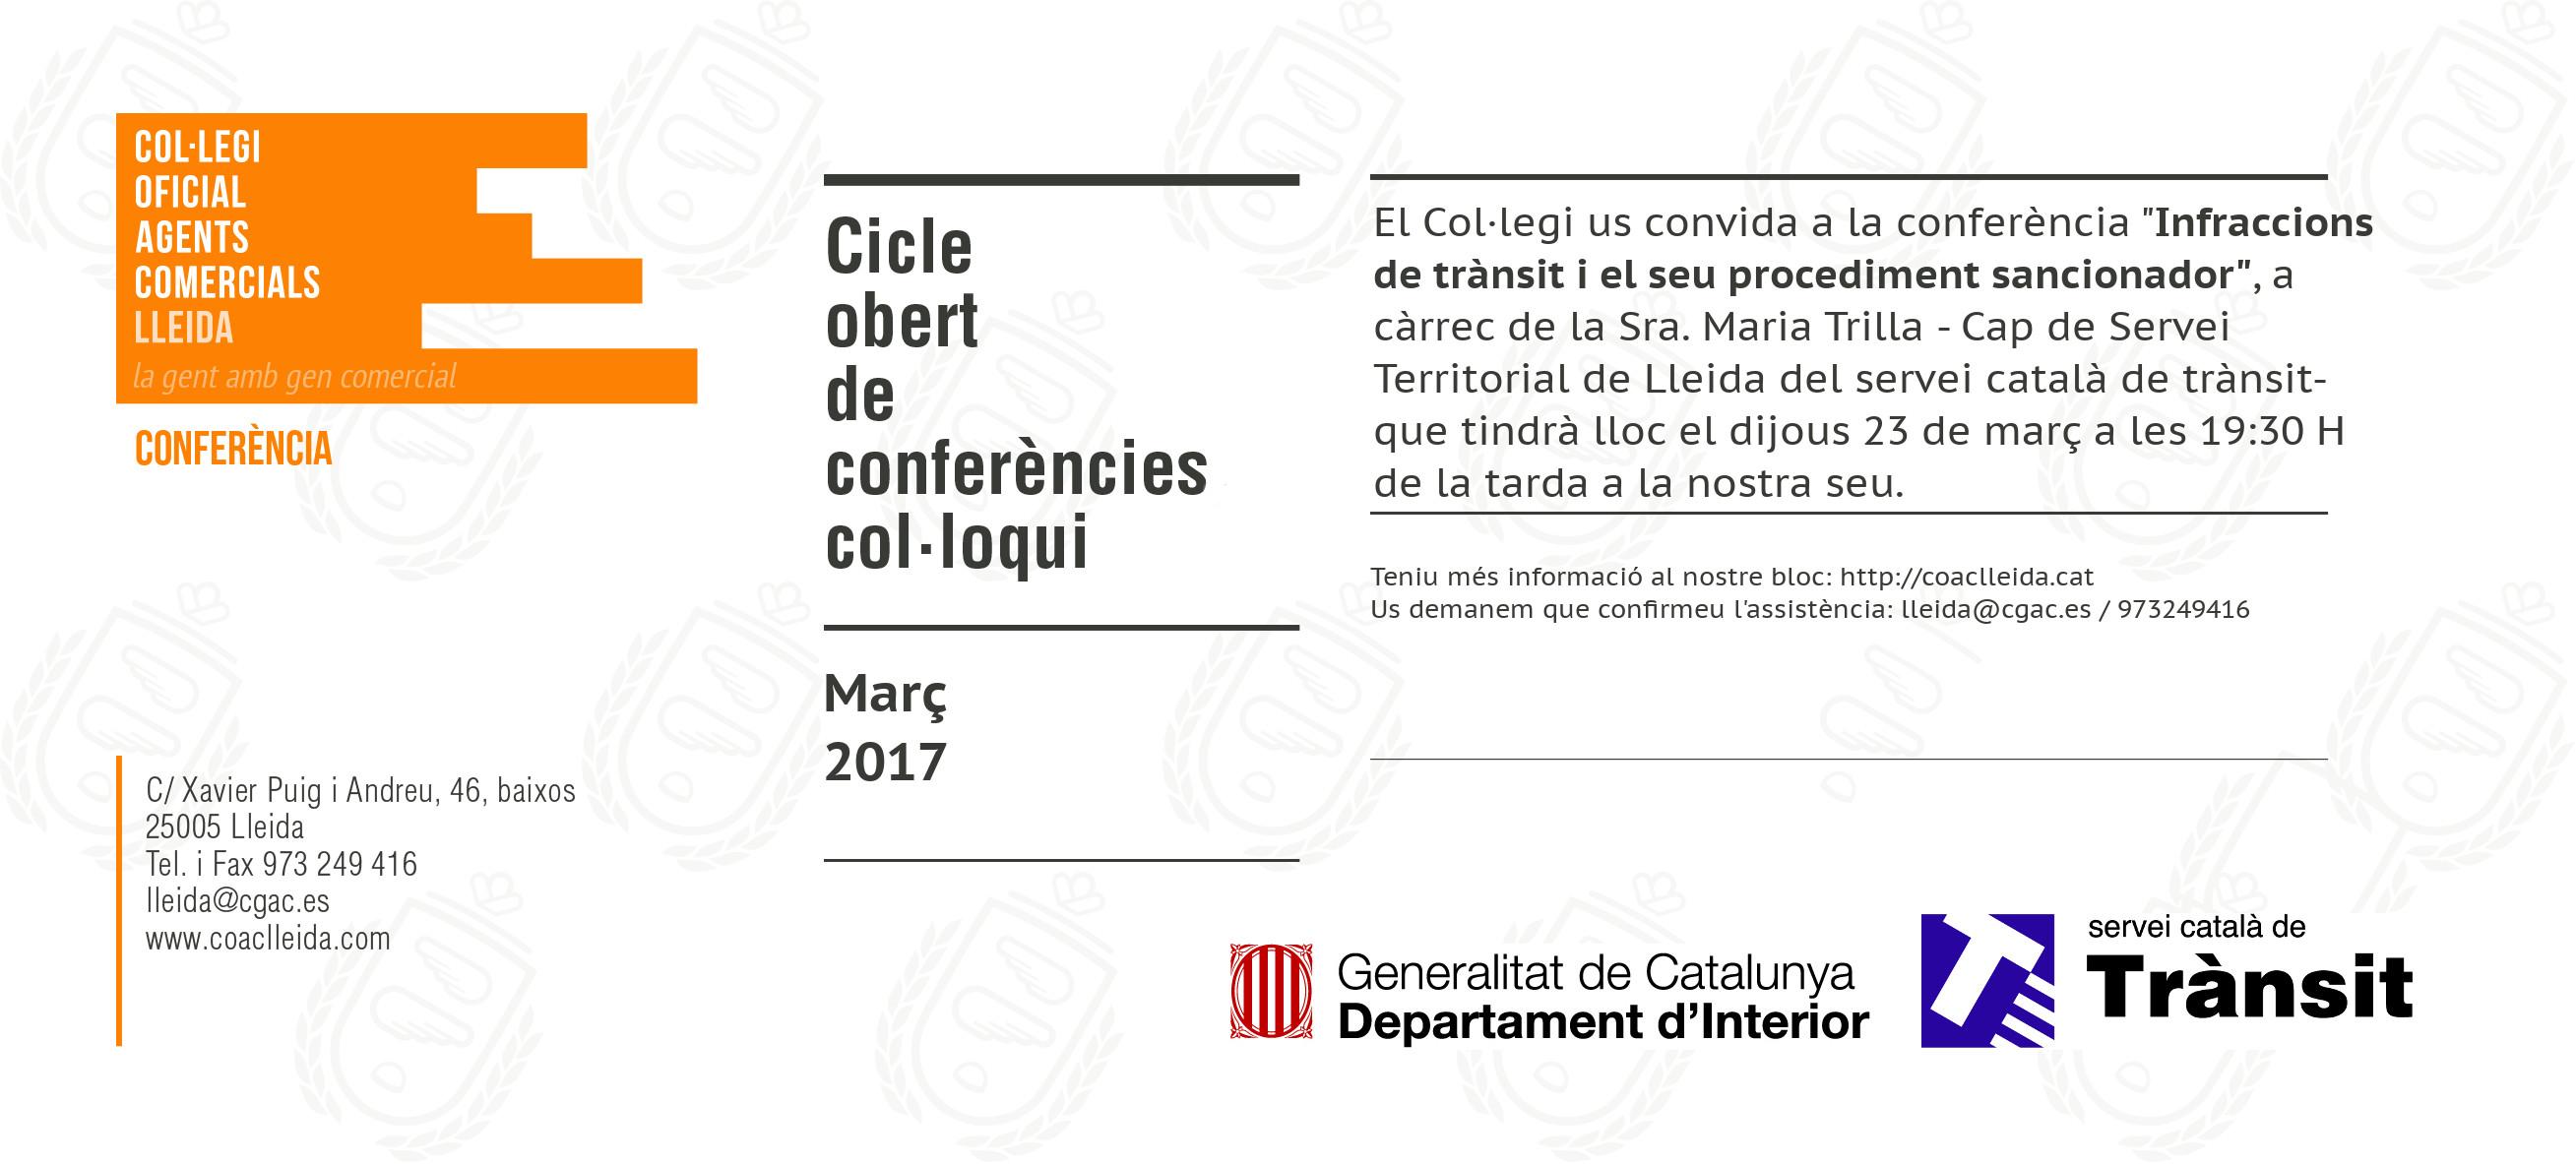 conferencia-març(1)2017